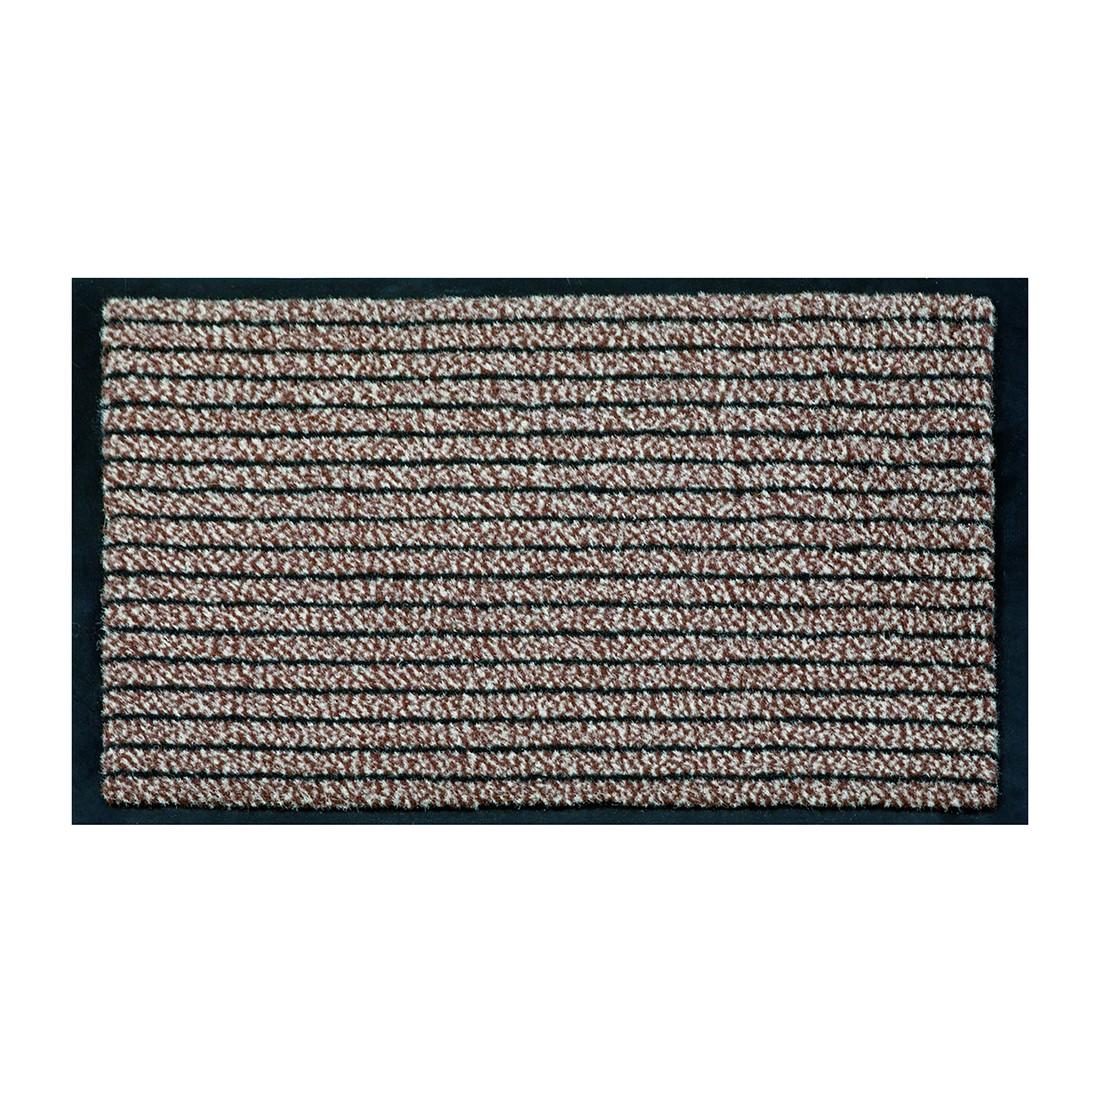 Fußmatte Karat – Braun – 60 x 90 cm, Astra günstig